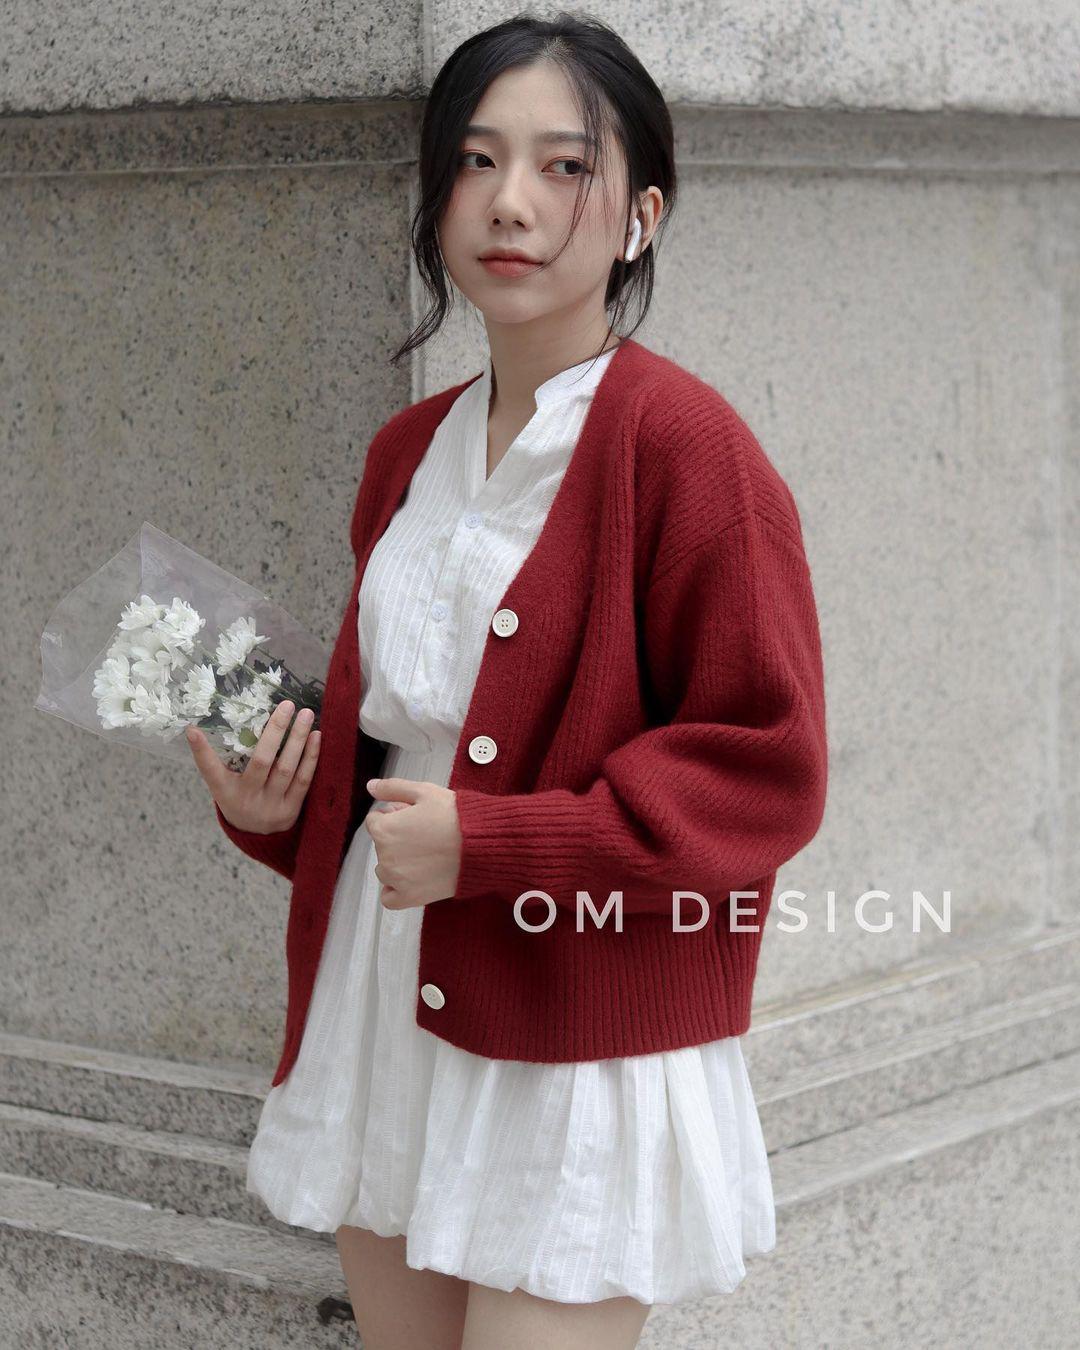 6 mẫu cardigan điệu đà max xinh giá từ 320k - Ảnh 5.